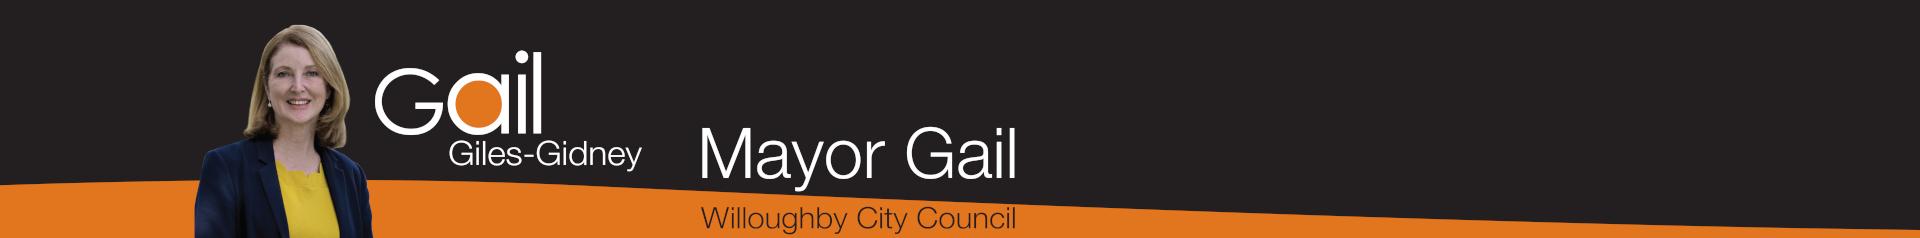 Gail-web-banner-17-1-ed